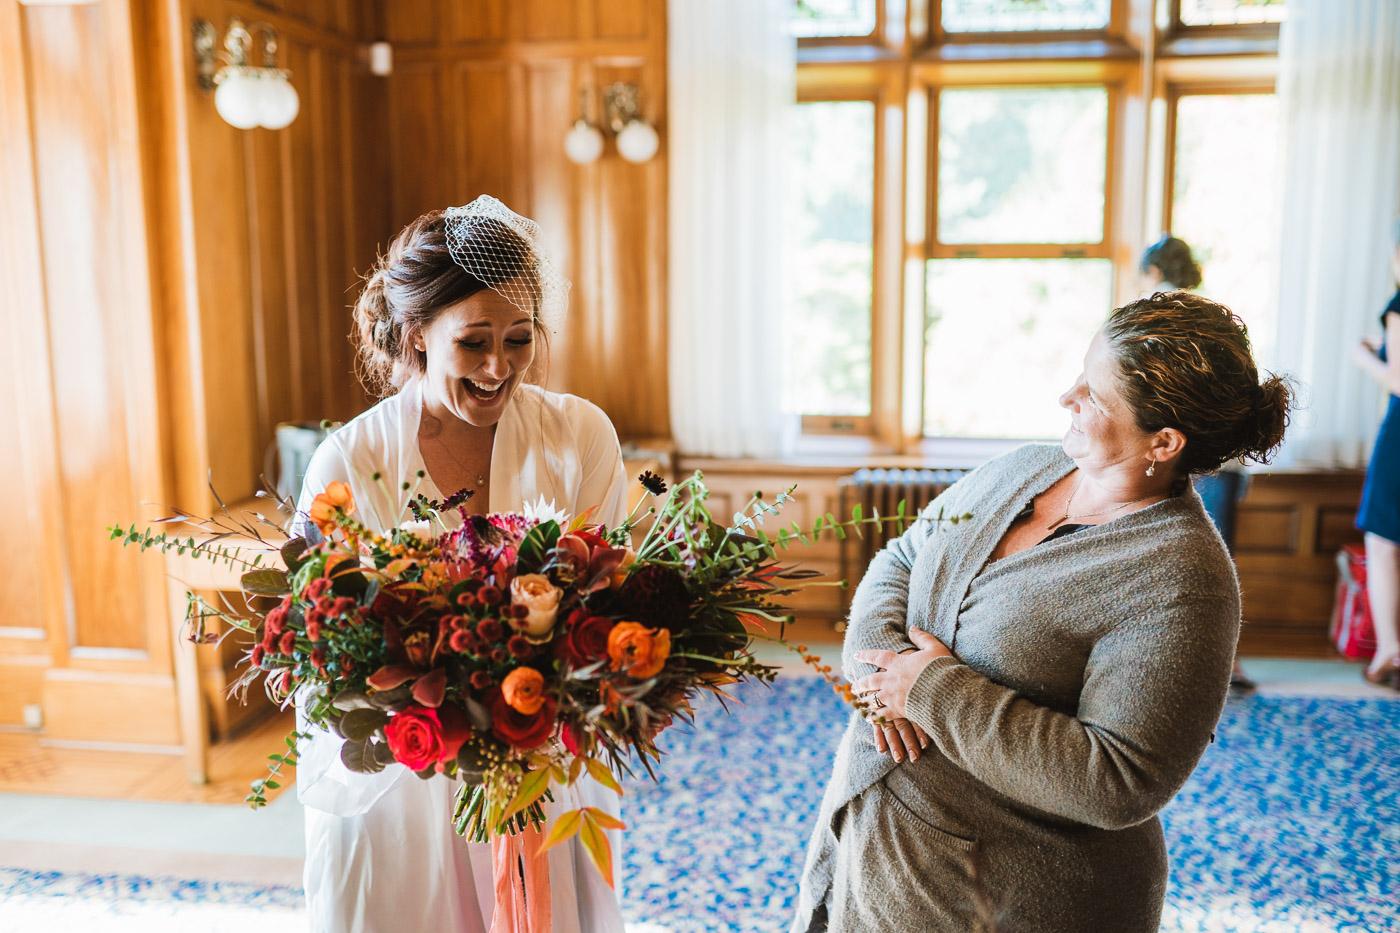 ChantellJamesWeddingBlog-JonMarkphoto-VictoriaBCWeddingphotography-Hatleycastlewedding-BearMountainWedding-1201.jpg